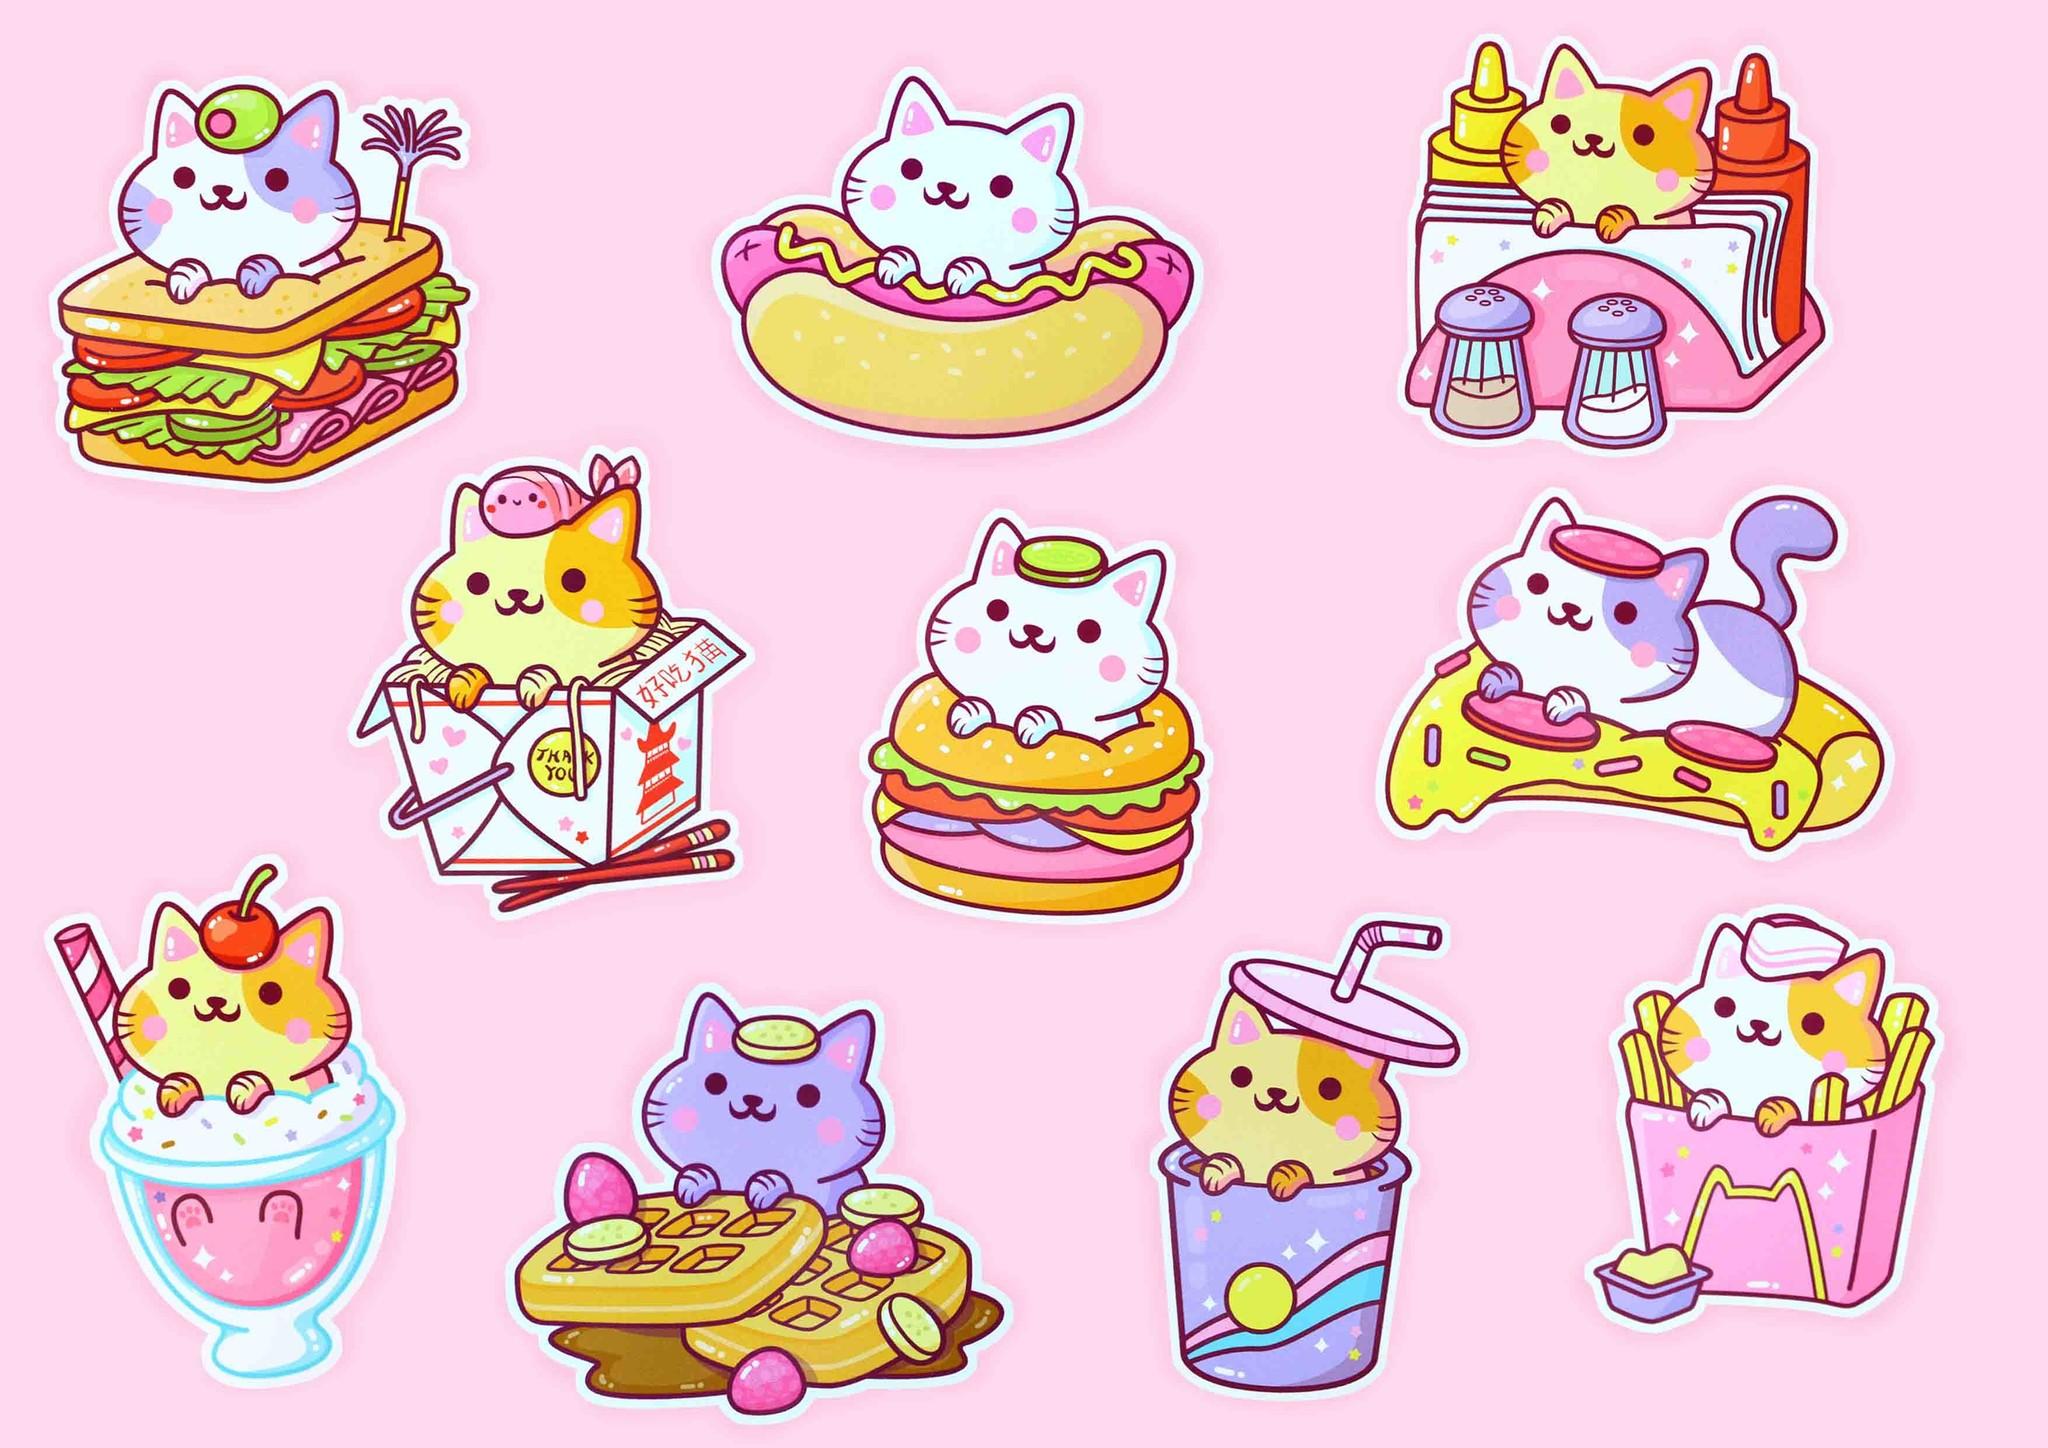 We Are Extinct YumYum Cats sticker set - 3